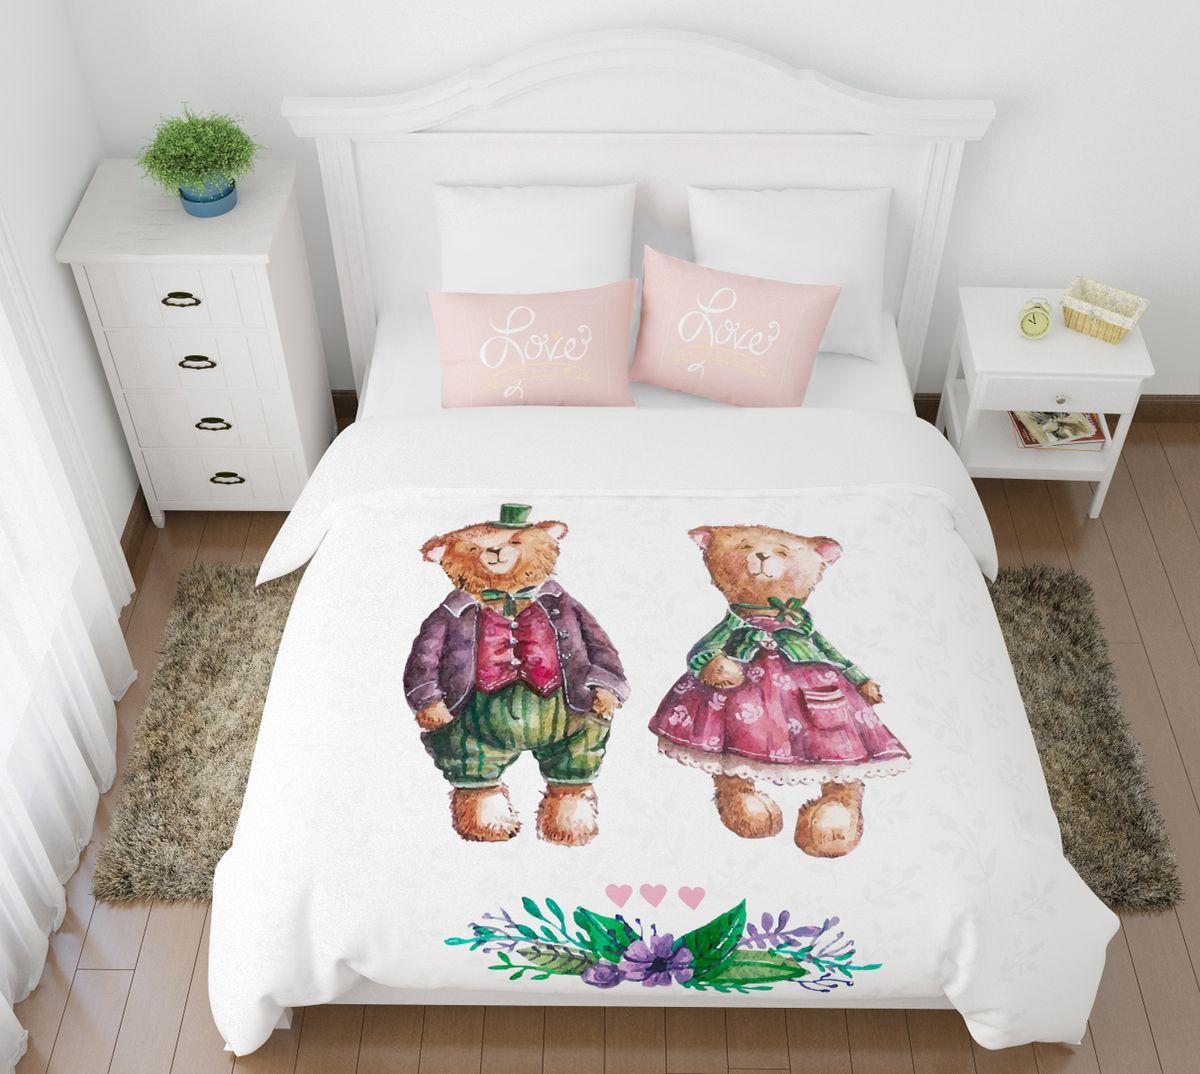 Комплект белья Сирень Дуэт, 2-спальный, наволочки 50х7008325-КПБ2-МКомплект постельного белья Сирень выполнен из прочной и мягкой ткани. Четкий и стильный рисунок в сочетании с насыщенными красками делают комплект постельного белья неповторимой изюминкой любого интерьера.Постельное белье идеально подойдет для подарка. Идеальное соотношение смешенной ткани и гипоаллергенных красок - это гарантия здорового, спокойного сна. Ткань хорошо впитывает влагу, надолго сохраняет яркость красок.В комплект входят: простынь, пододеяльник, две наволочки. Постельное белье легко стирать при 30-40°С, гладить при 150°С, не отбеливать. Рекомендуется перед первым использованием постирать.УВАЖАЕМЫЕ КЛИЕНТЫ! Обращаем ваше внимание, что цвет простыни, пододеяльника, наволочки в комплектации может немного отличаться от представленного на фото.